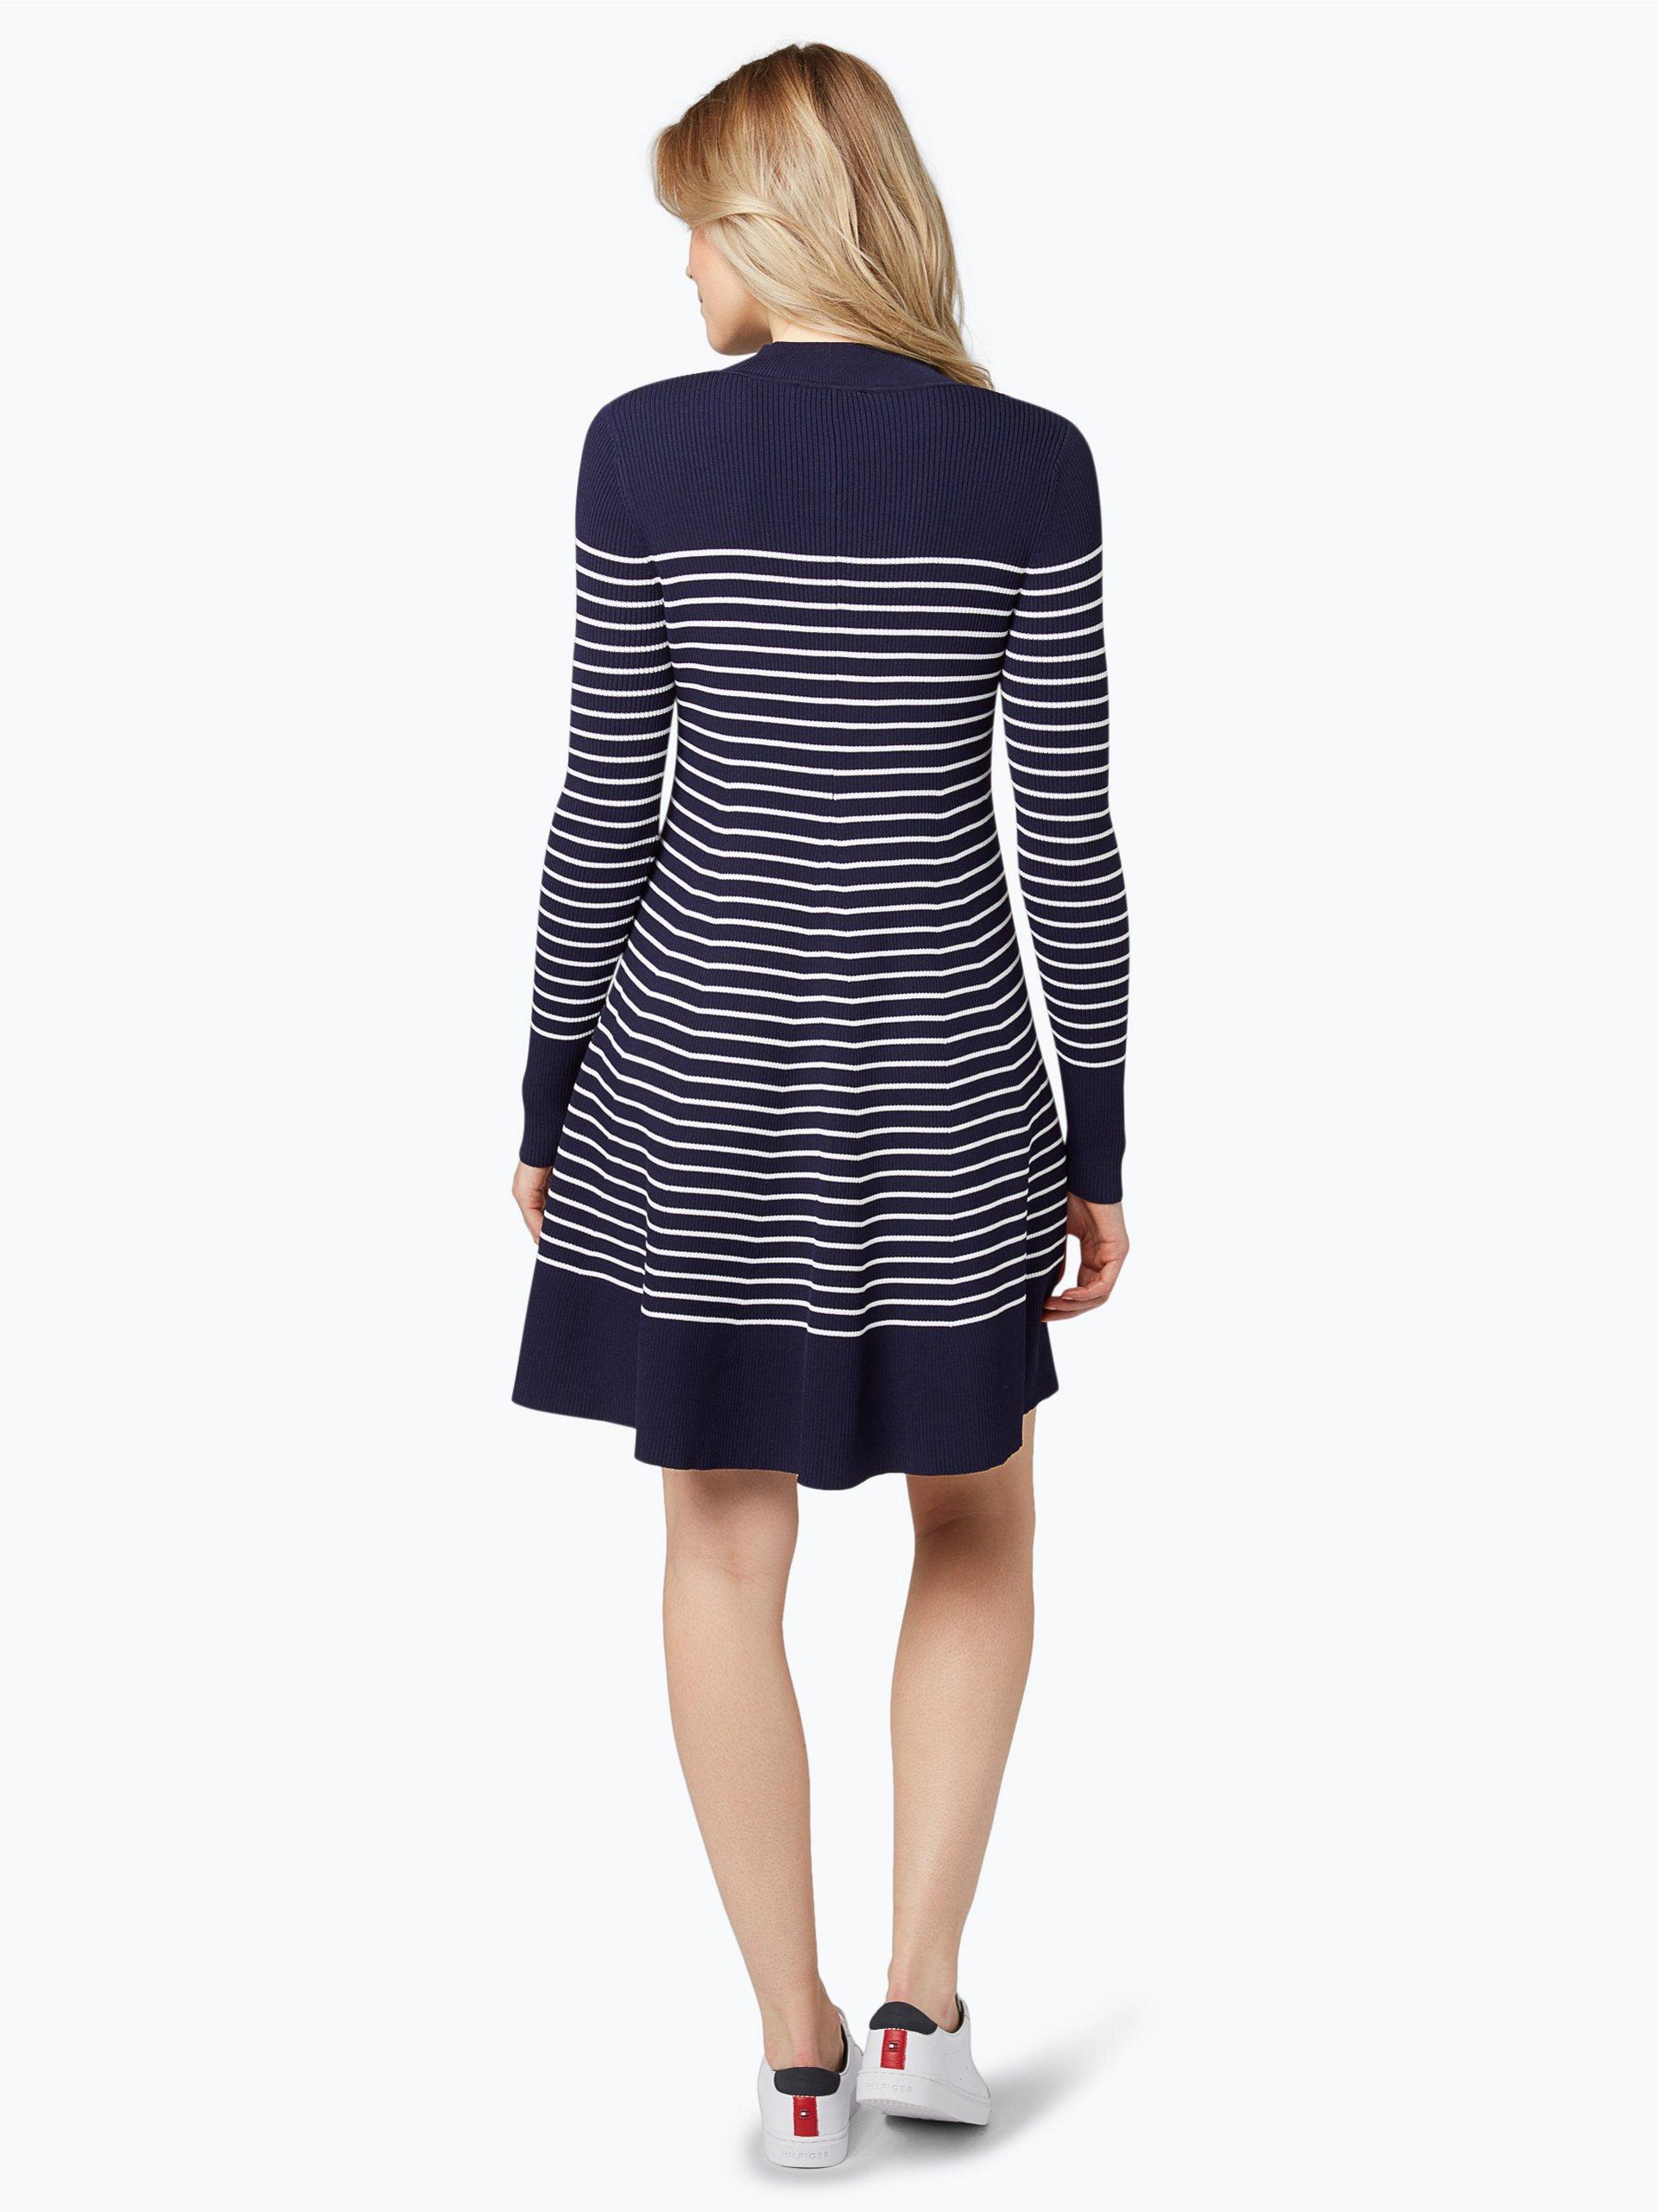 tommy hilfiger damen kleid wei gestreift online kaufen. Black Bedroom Furniture Sets. Home Design Ideas